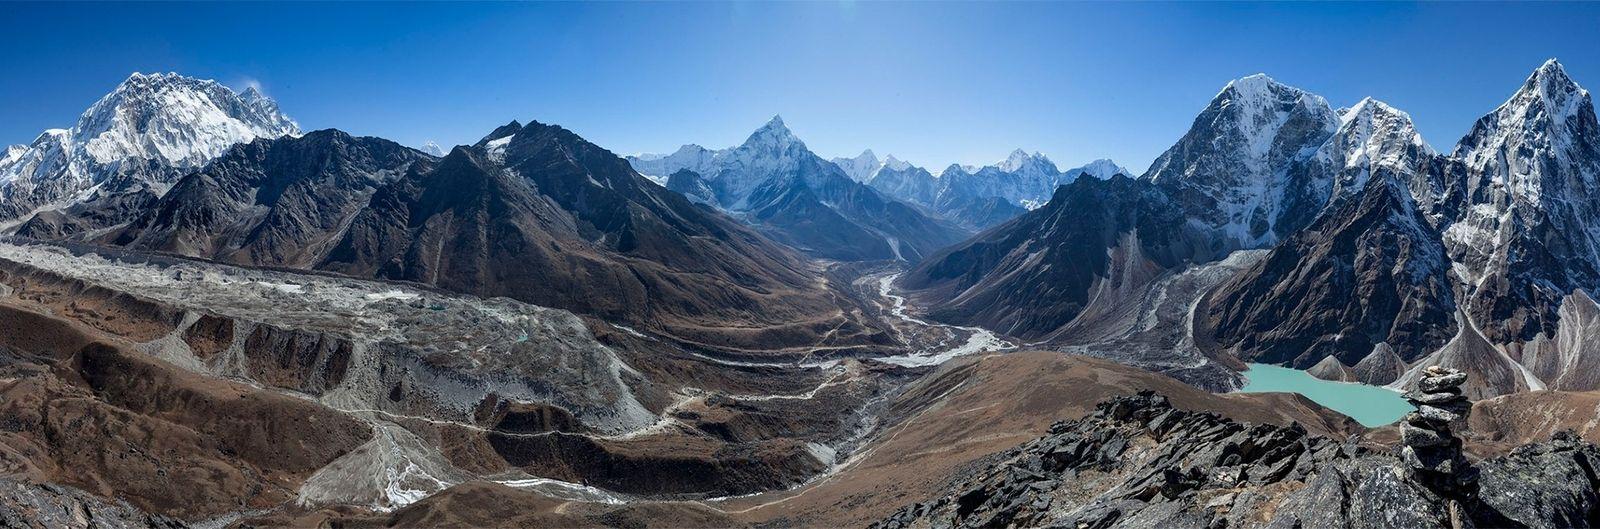 Le terrain spectaculaire de la vallée du Khumbu présente un défi complexe pour les ingénieurs civils ...